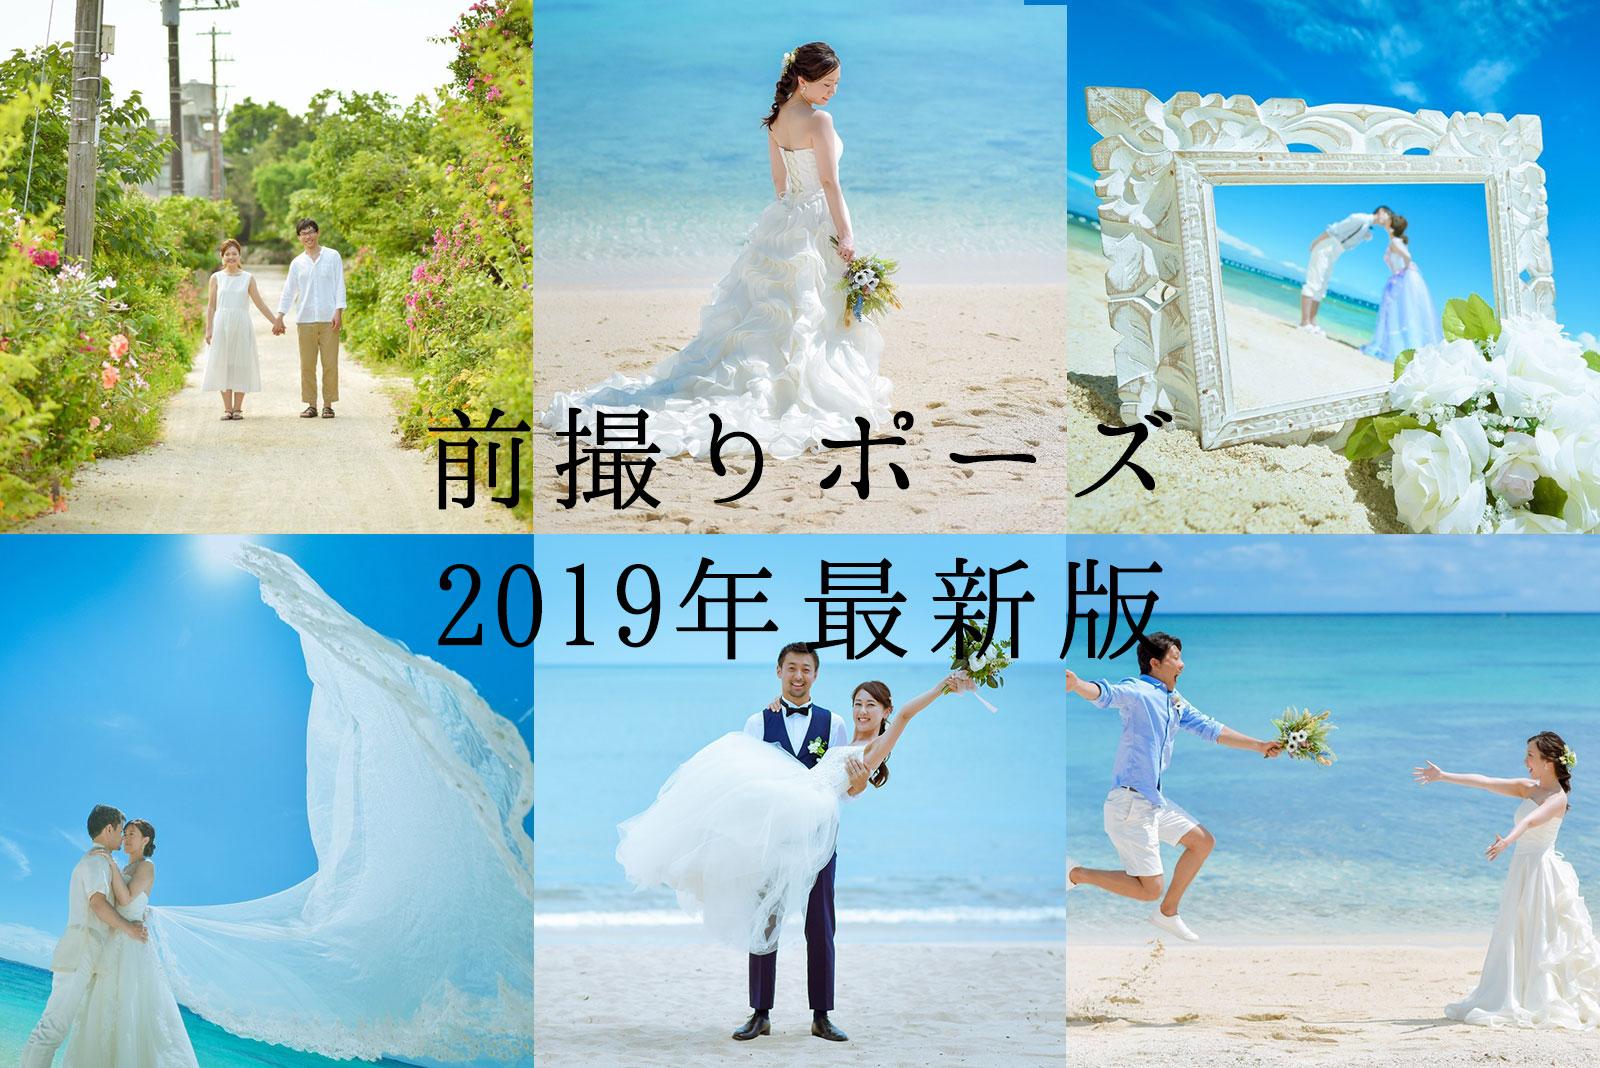 【2019年8月版】カメラマンが選ぶ結婚式の前撮りポーズ62選・写真123枚